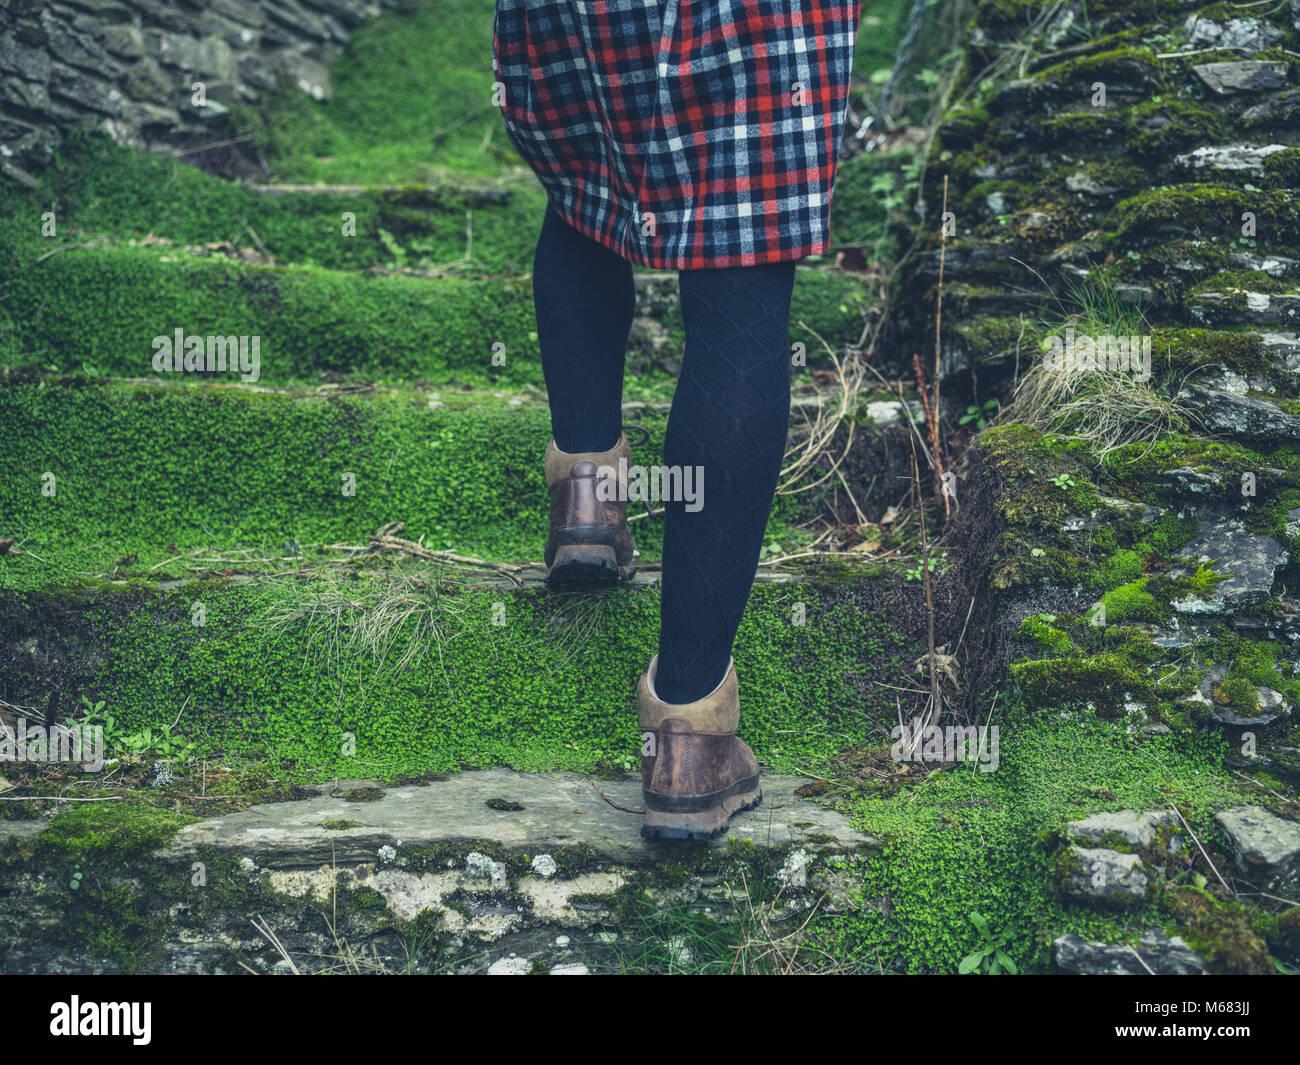 be4fd822d Una joven mujer vistiendo botas de montaña y una falda está subiendo ...